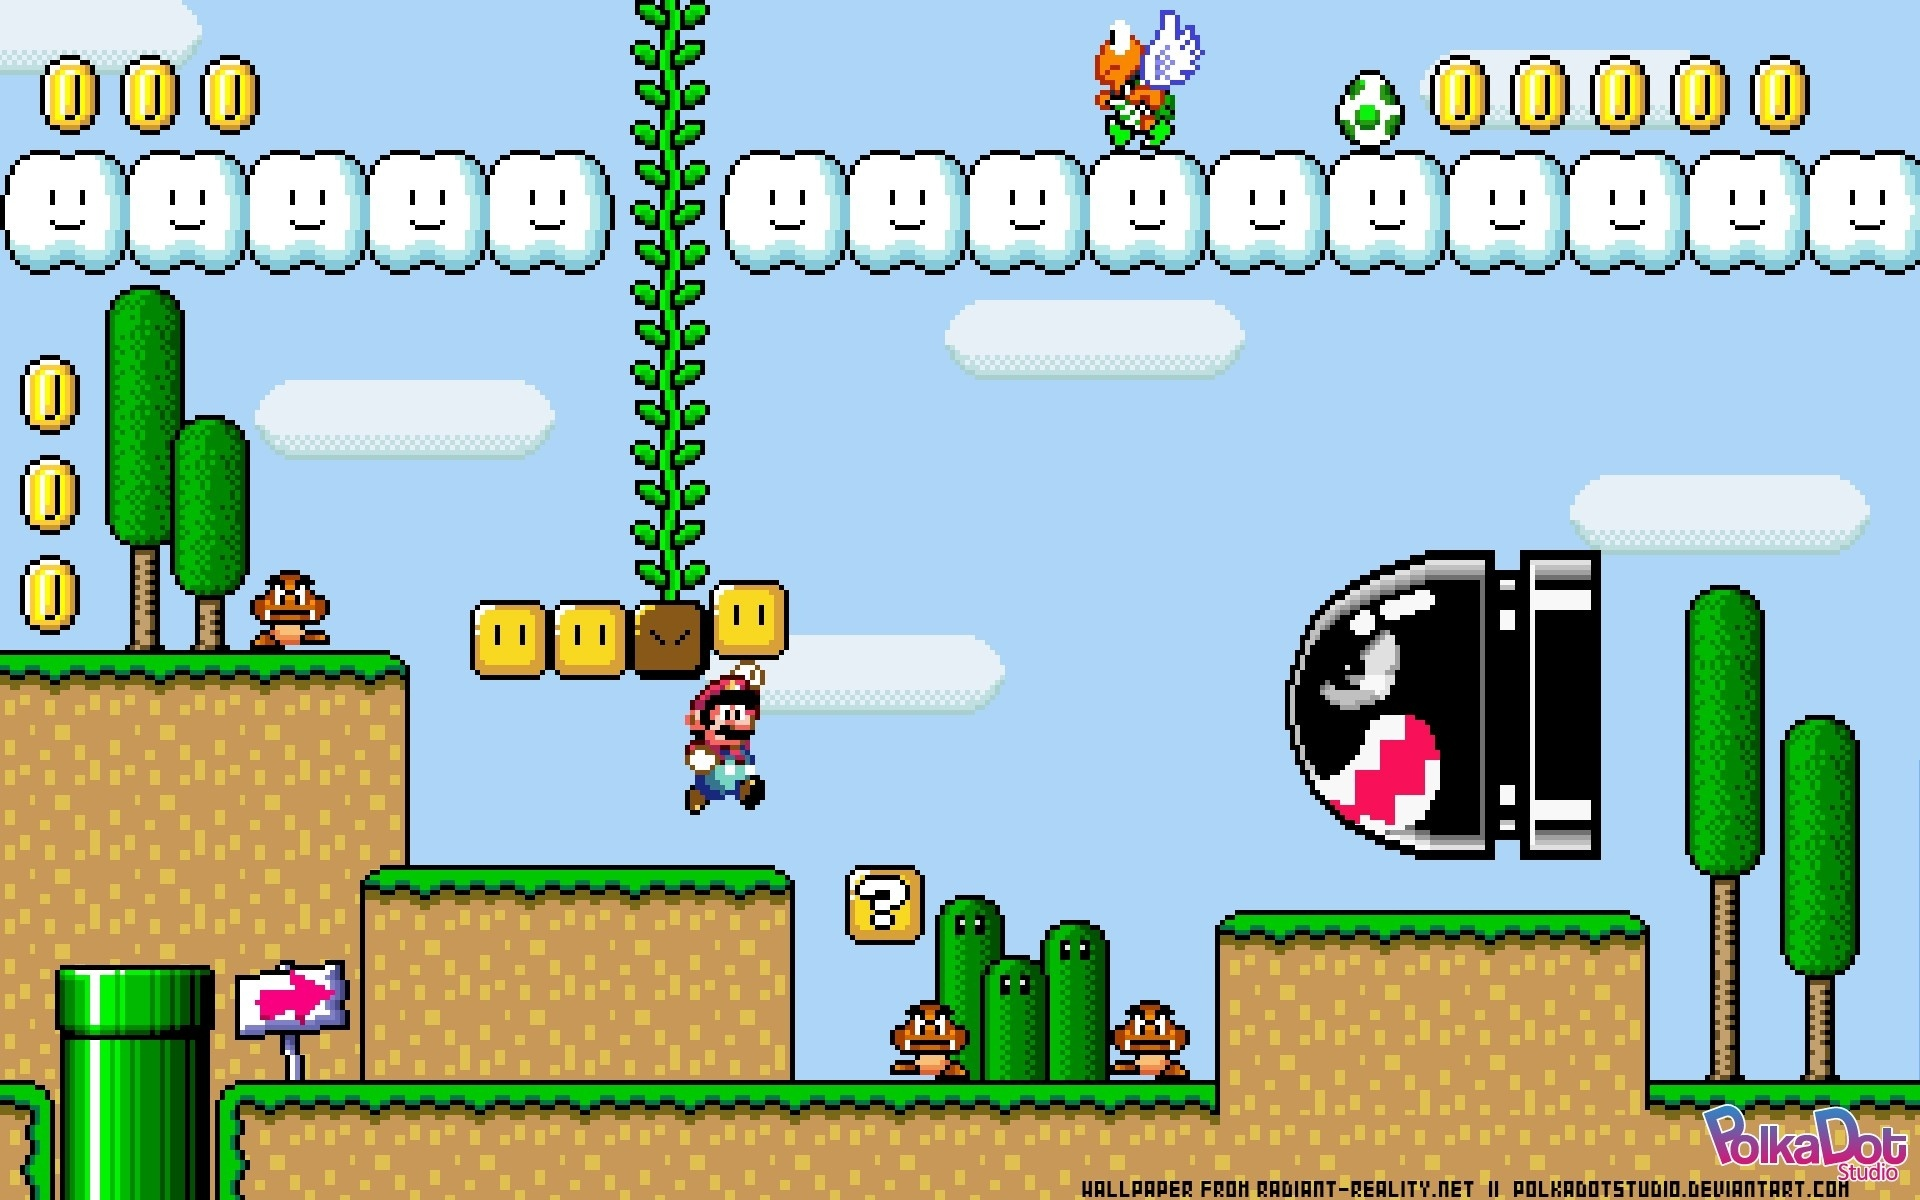 Super Mario World Retro Games Wallpaper